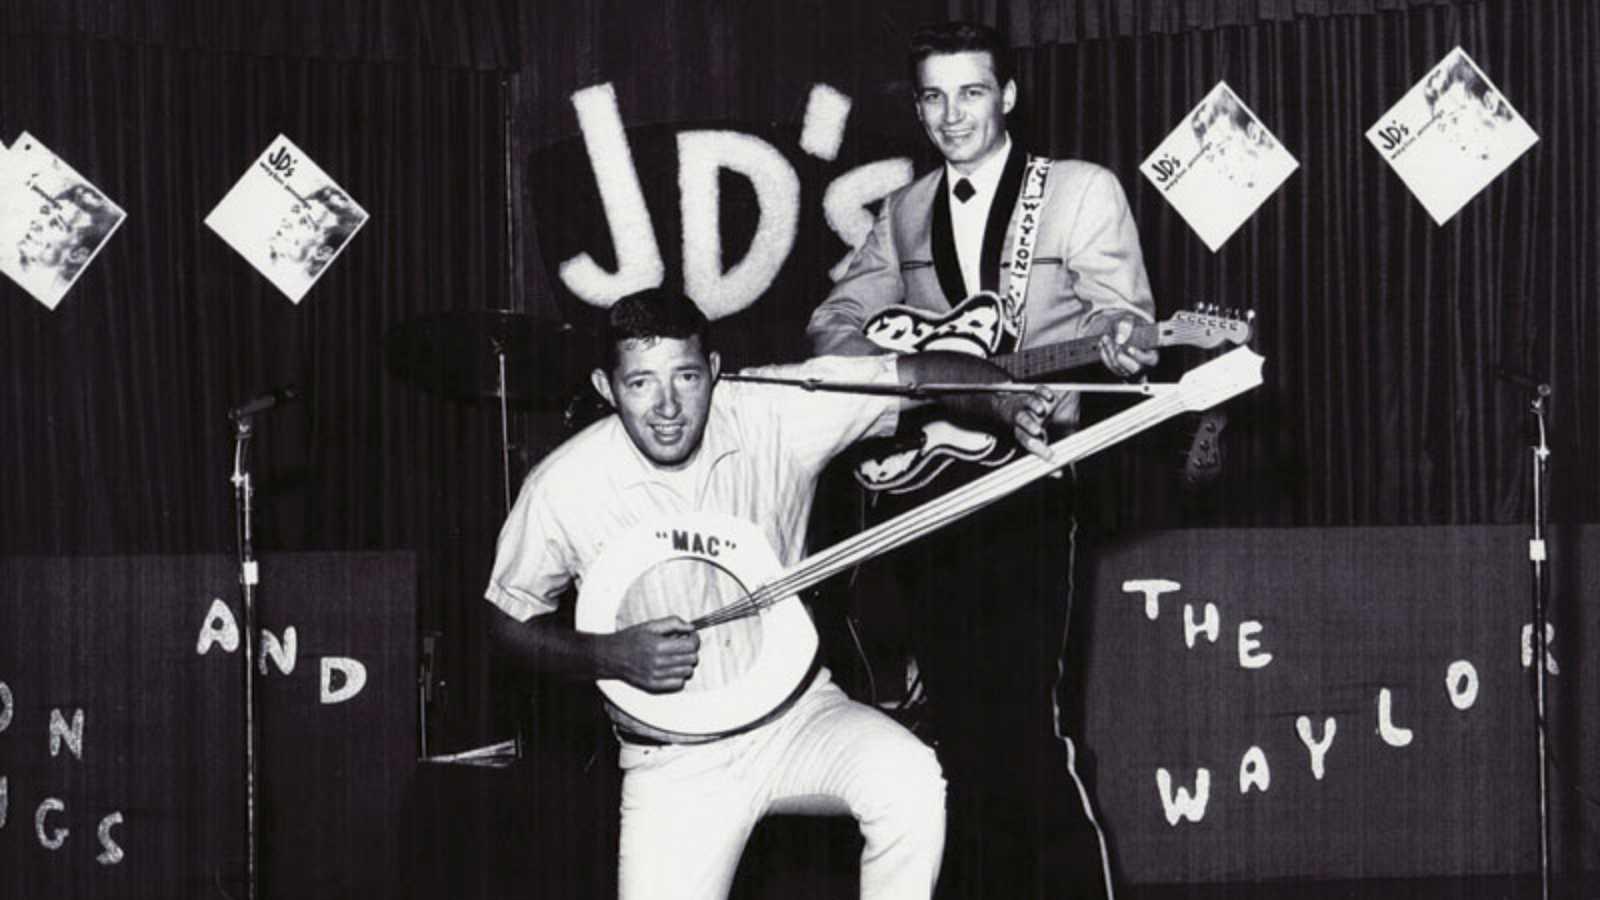 El sótano - Waylon Jennings y Action Women - 26/04/21 - escuchar ahora